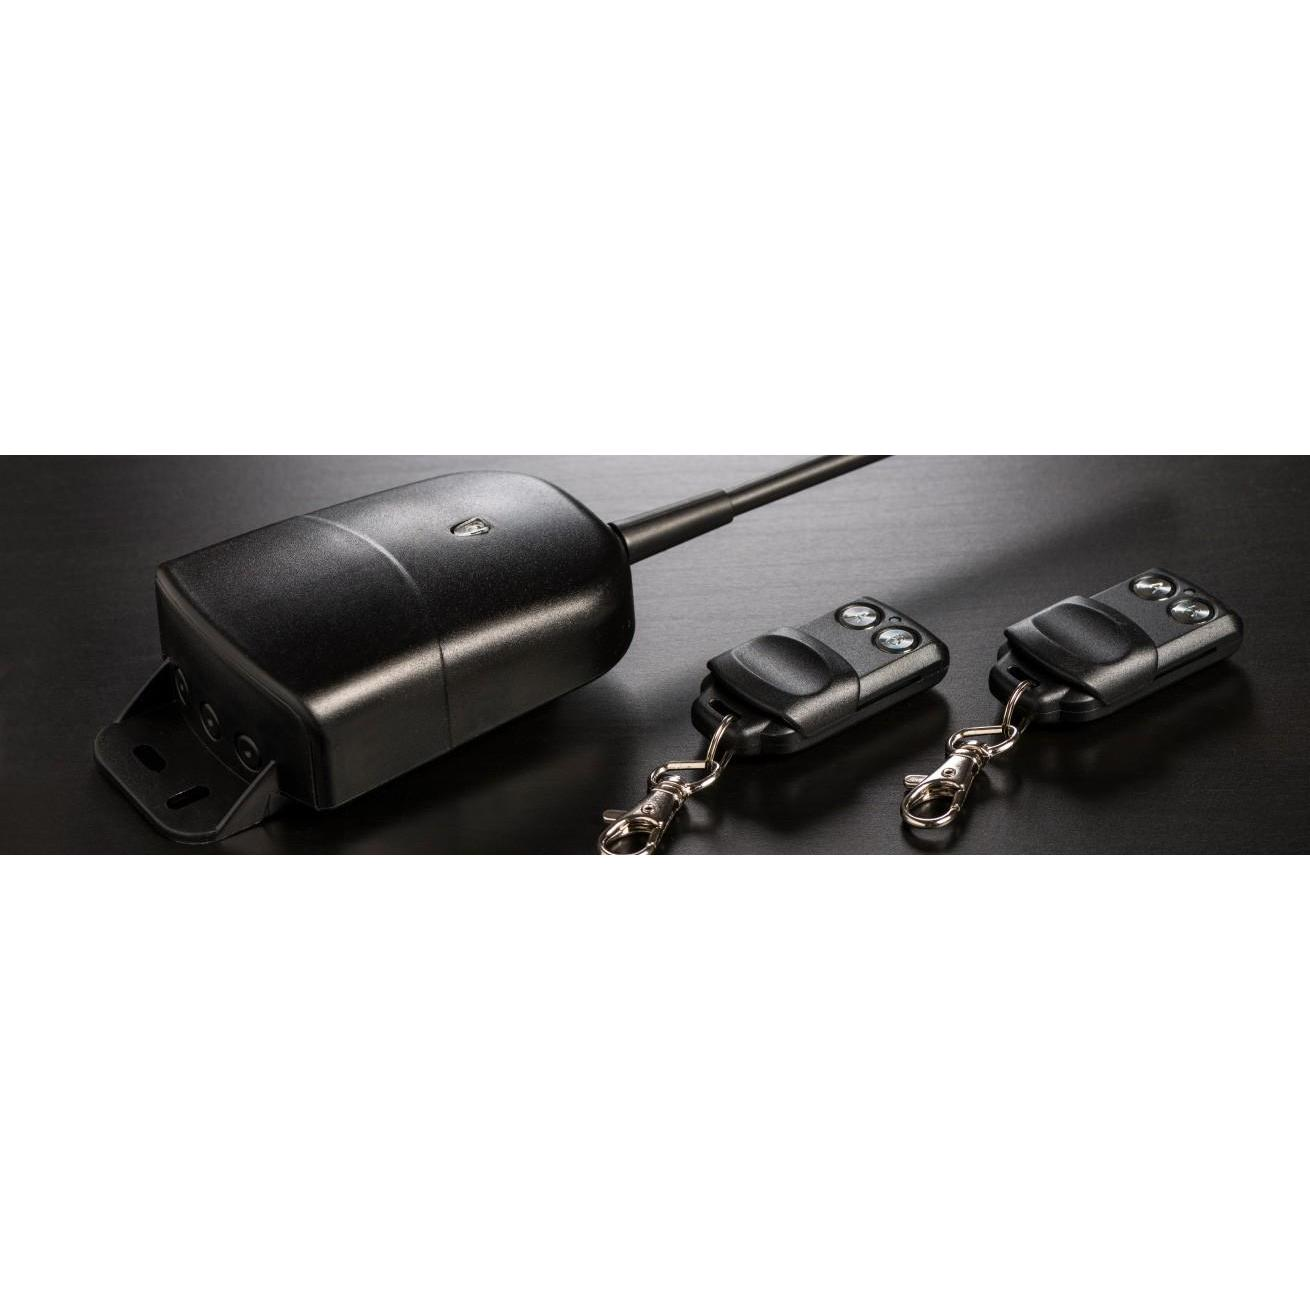 Kit ECU + 2 commandes Garage 868 MHz haut tableau électrique-868